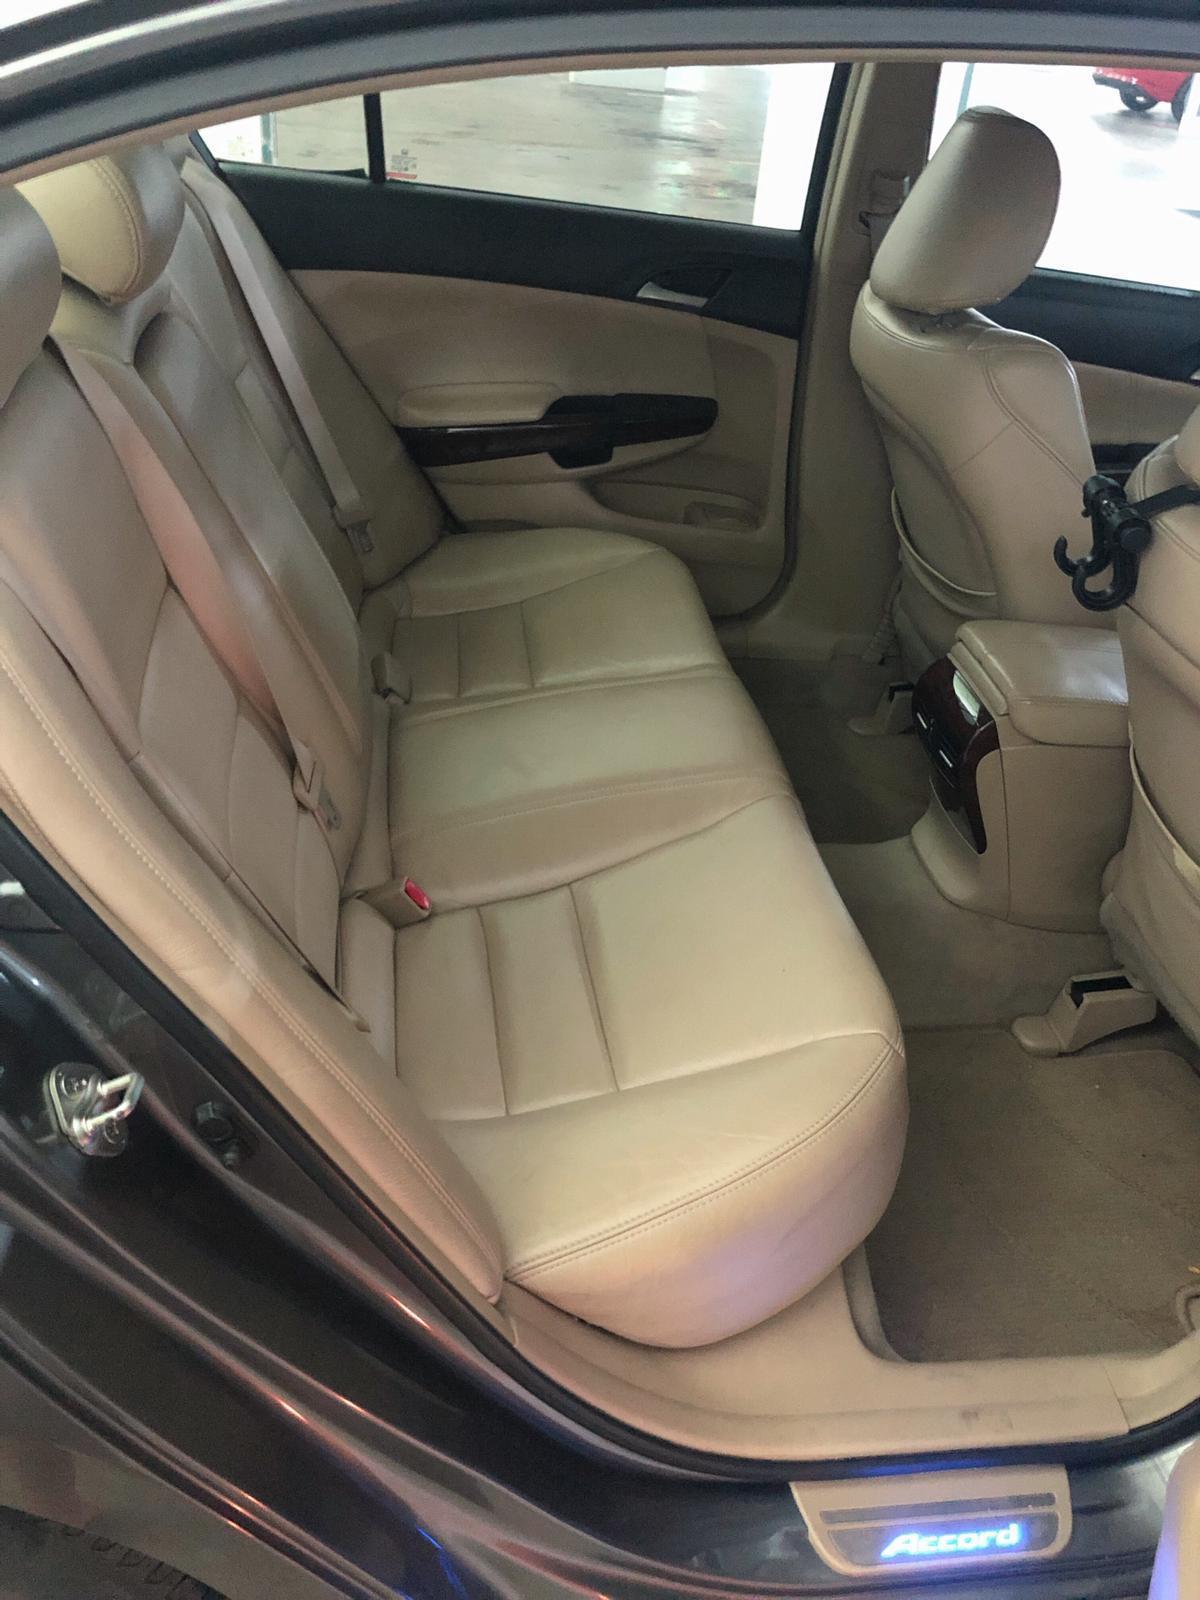 Honda Accord Cheap car rental GoJek Grab or Personal use